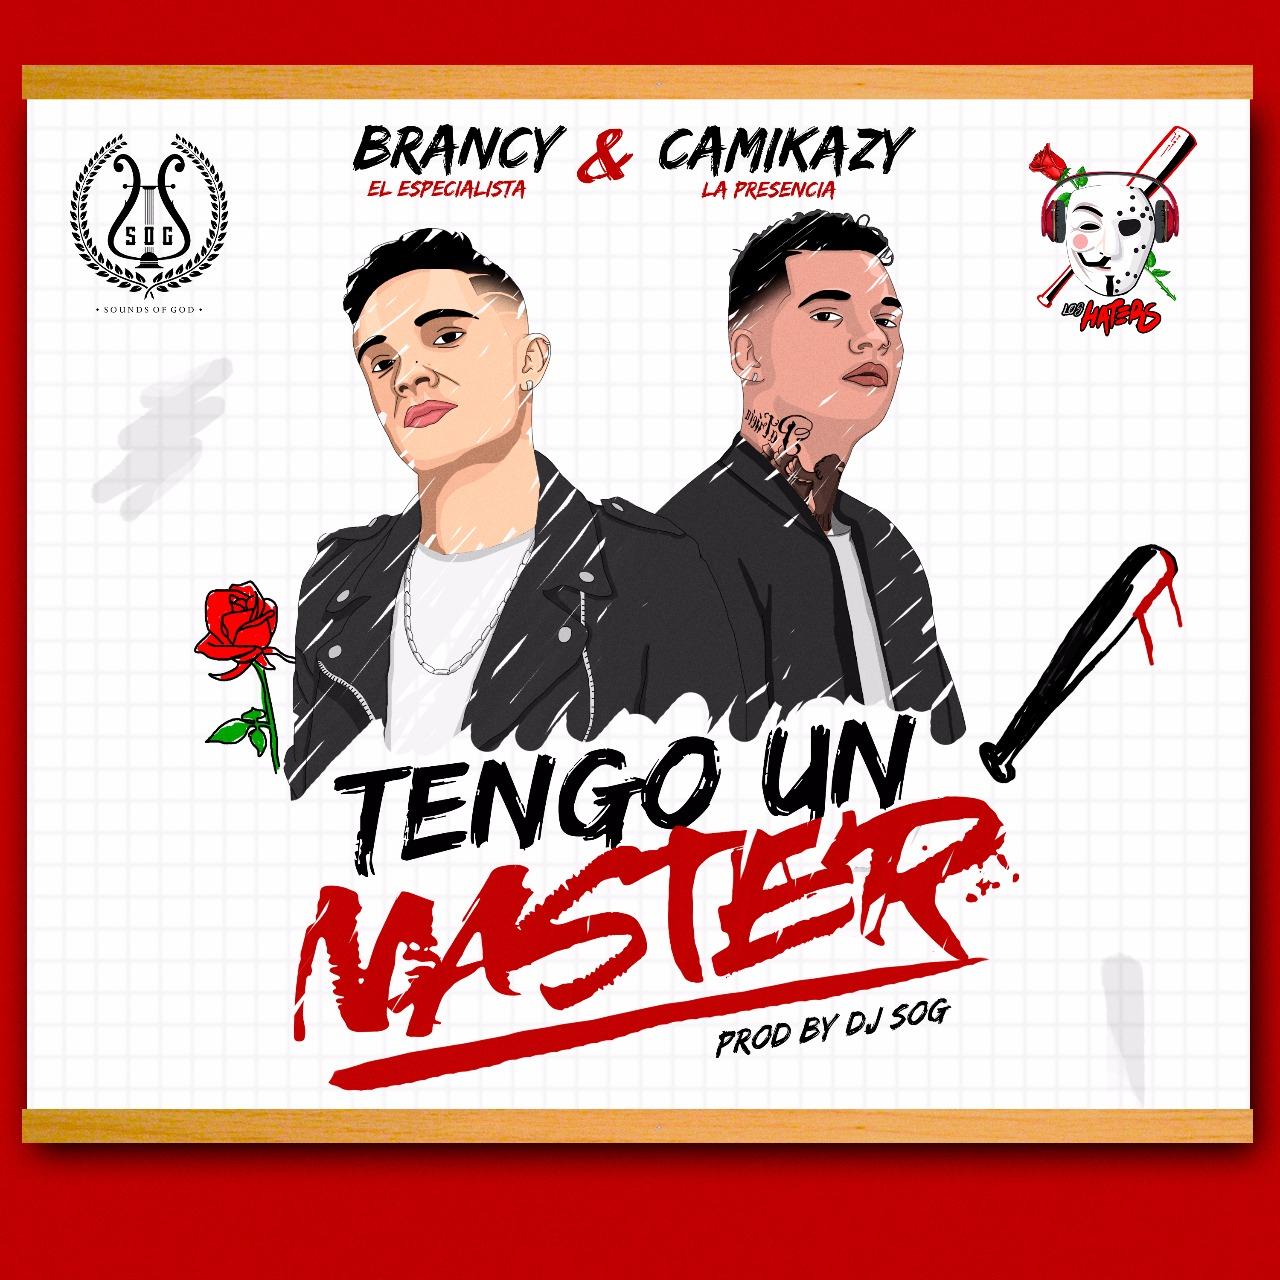 Brancy Y Camikazy Los Haters Tengo Un Master - Brancy Y Camikazy (Los Haters) - Tengo Un Master